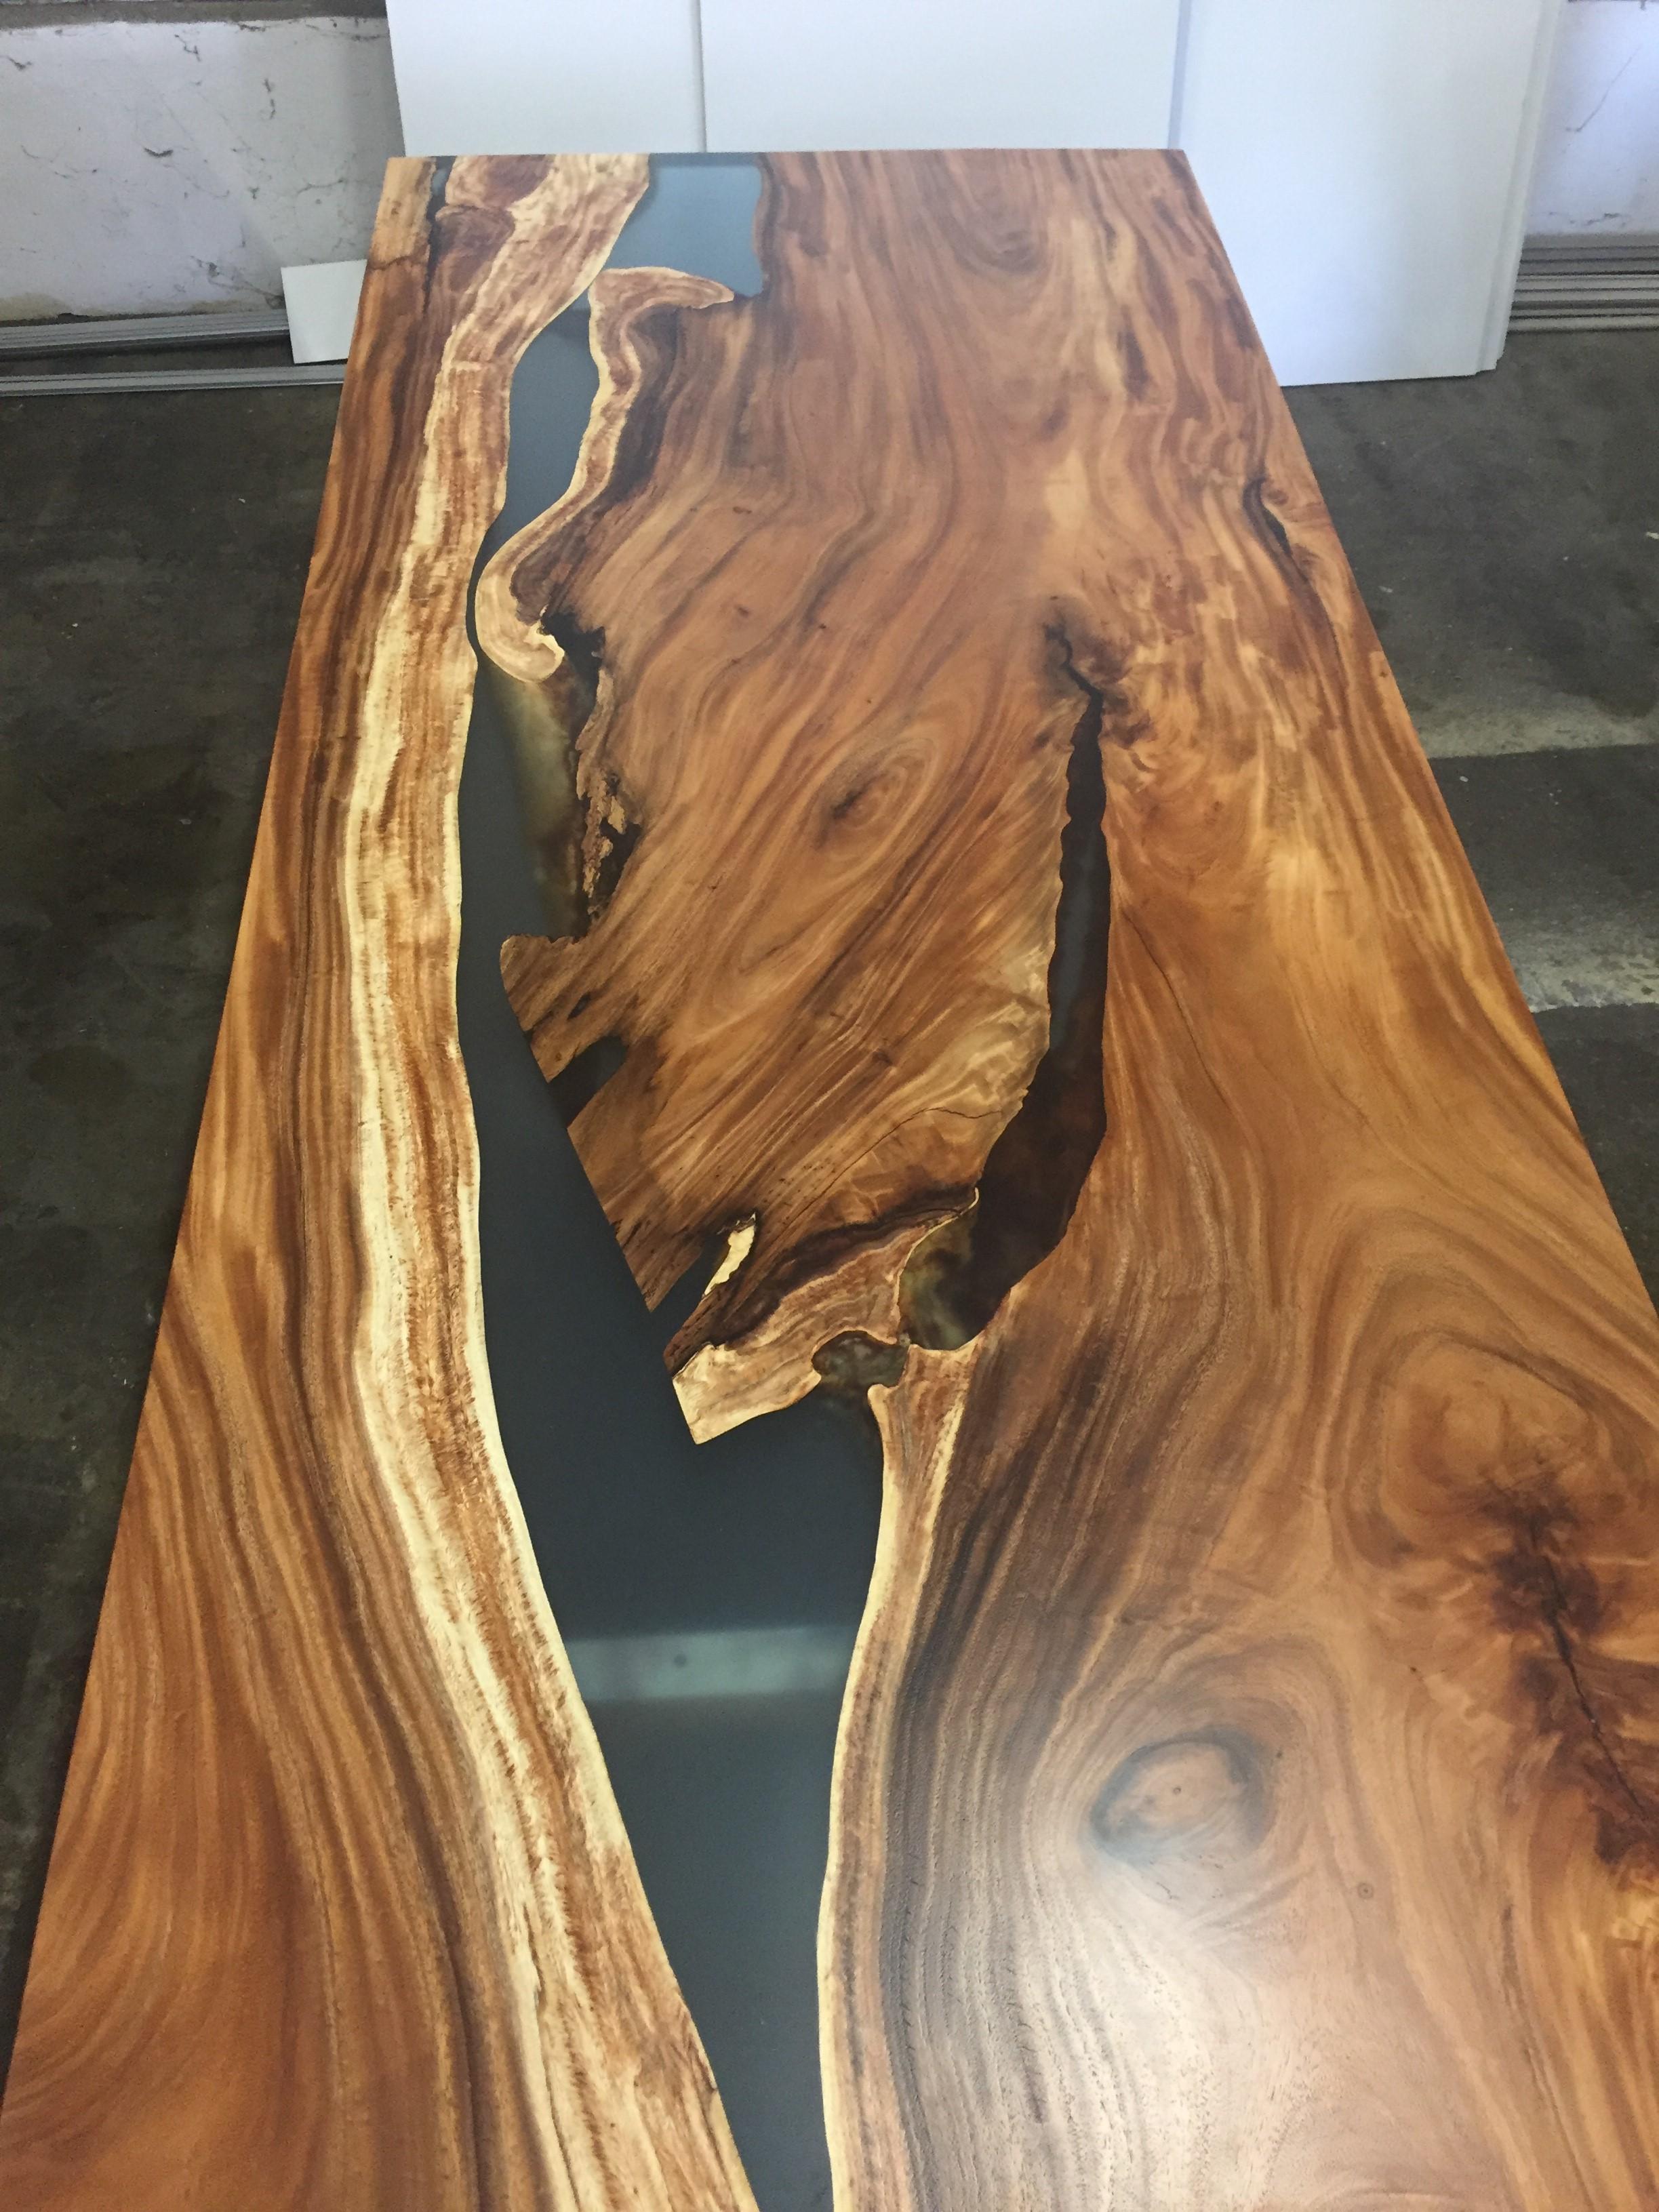 c50fdf2ab8252 Masívny jedálenský stôl z Thajska dreviny | Furniture-nabytok.sk